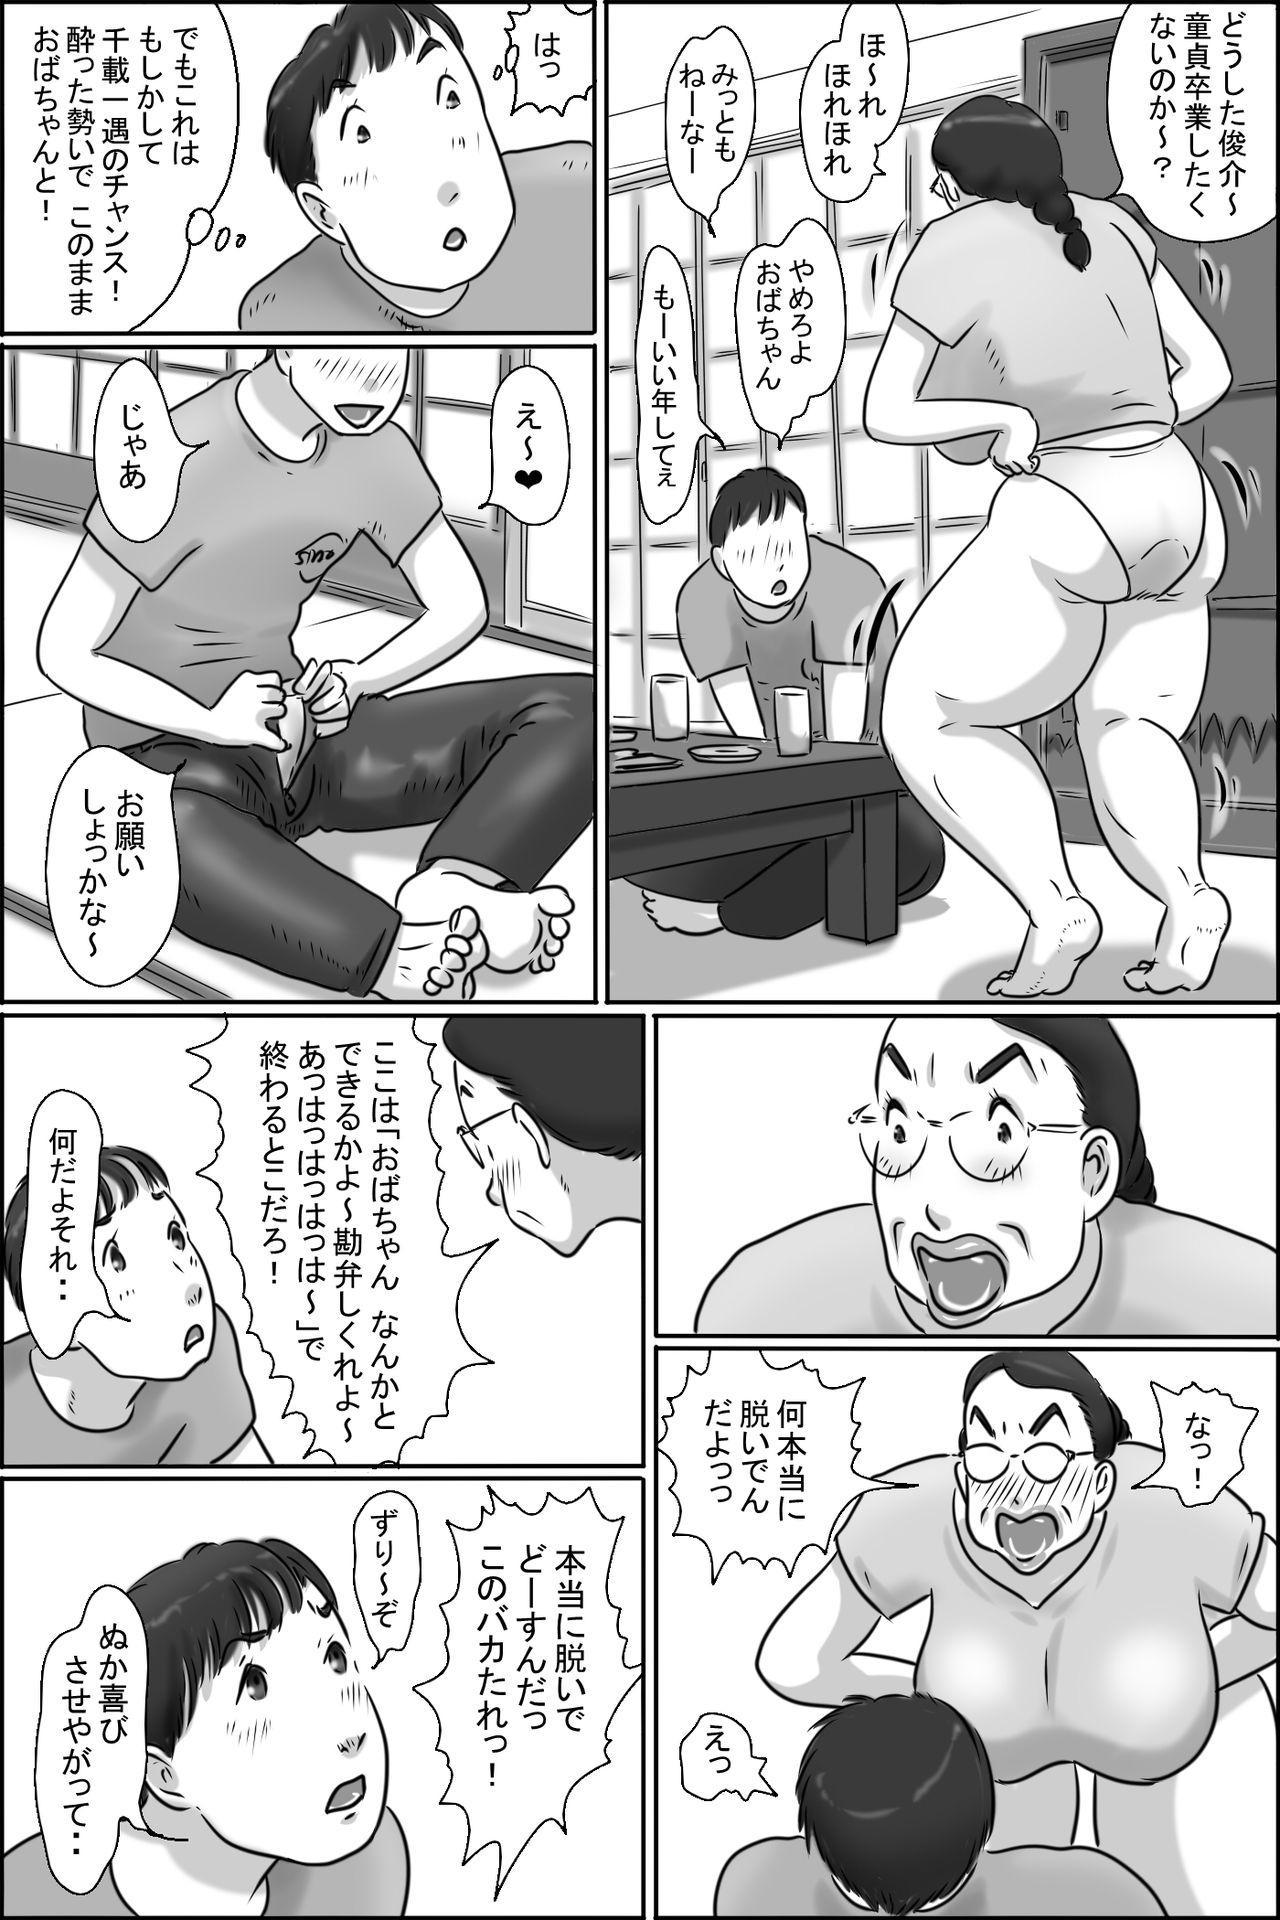 Aunty of Shimura 11